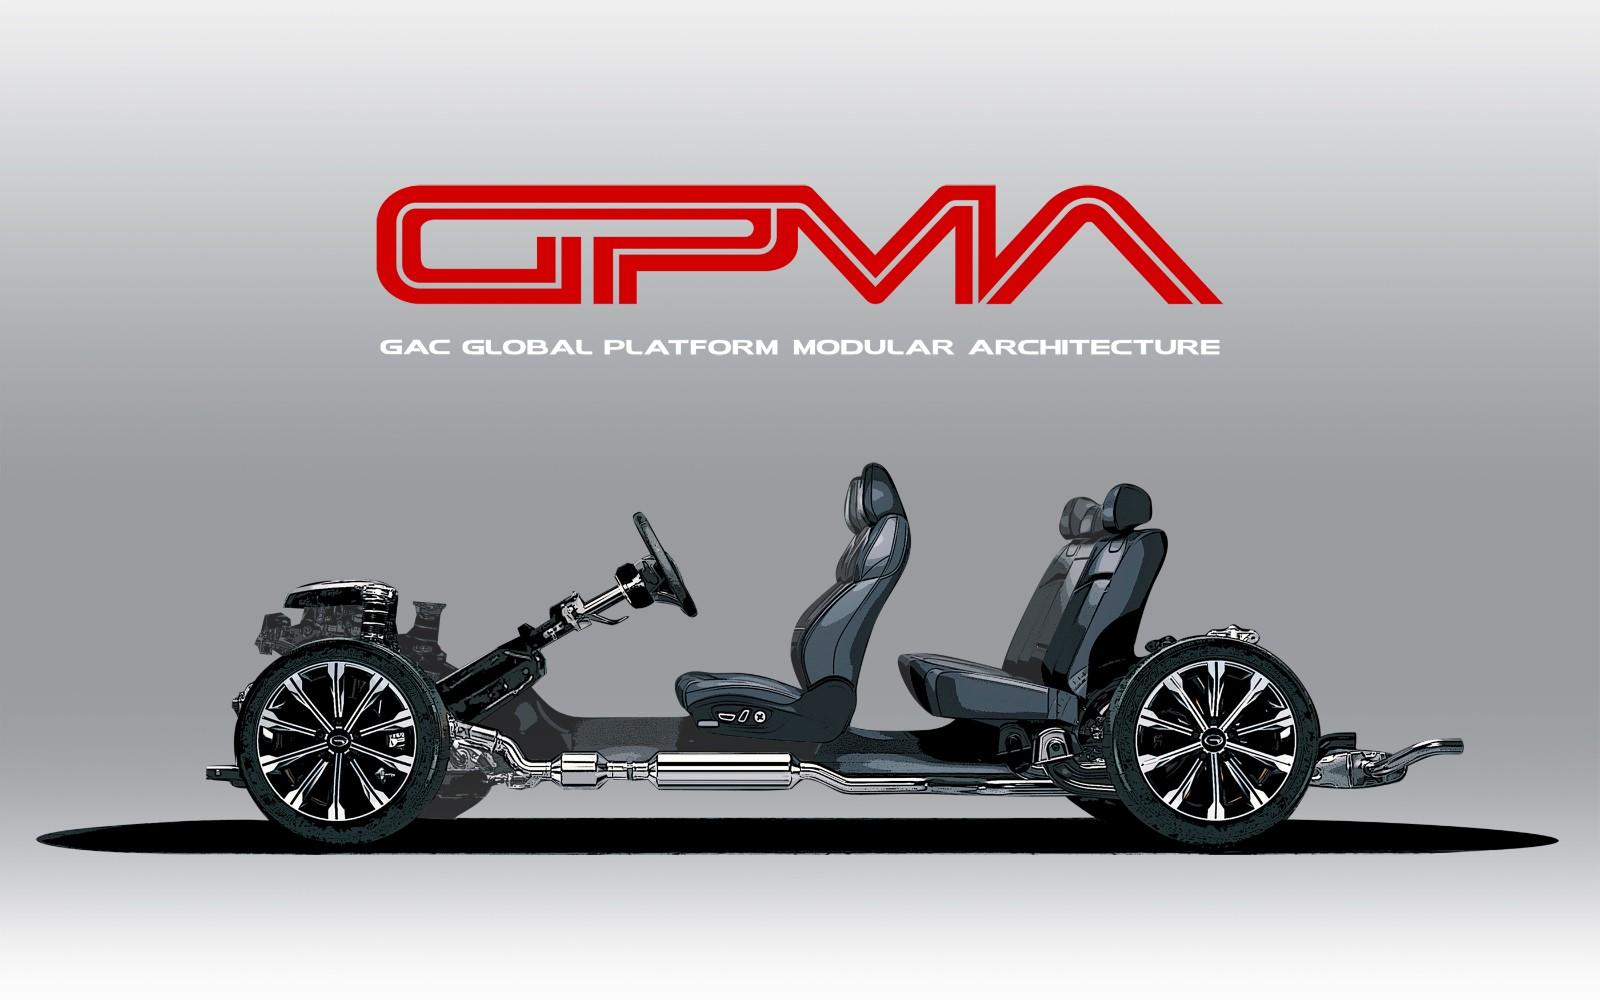 广汽全球平台模块化架构GPMA